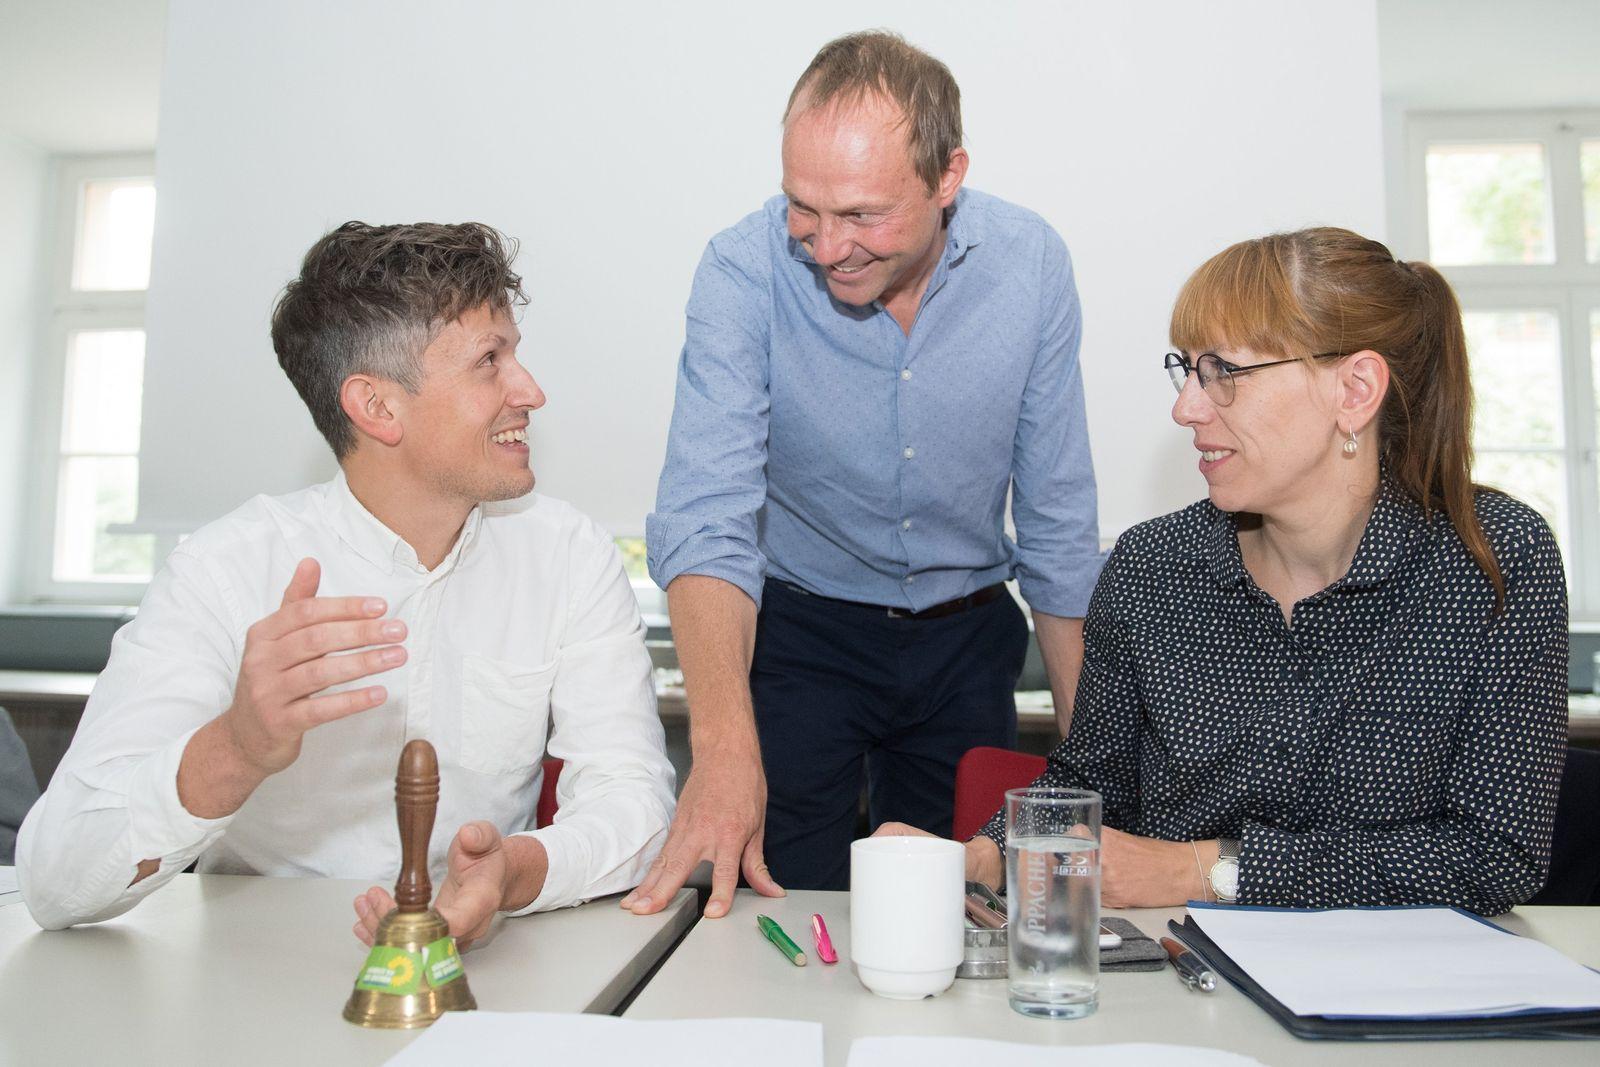 Grünen-Landesparteirat berät über Sondierungsgespräche